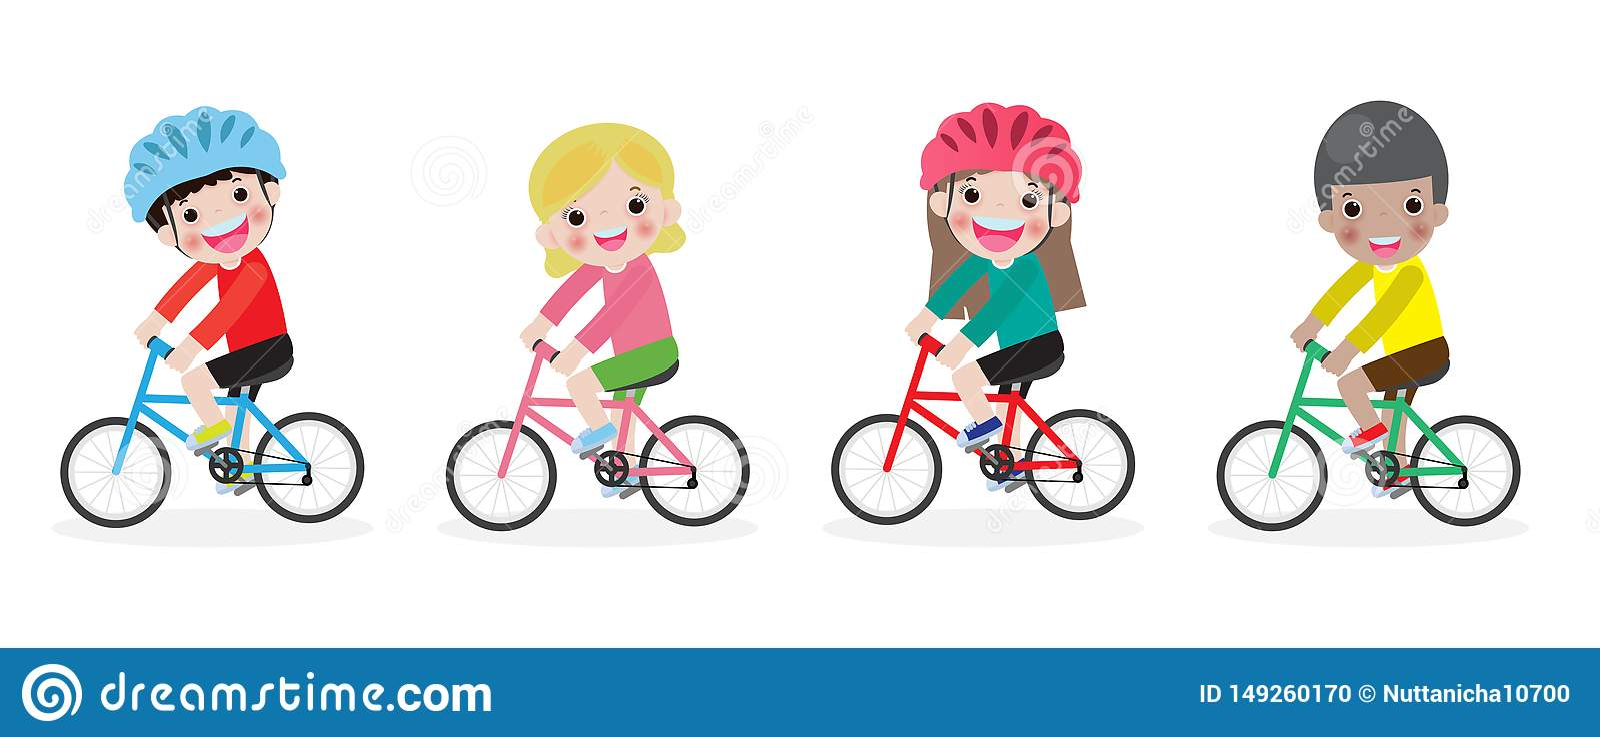 Gl?ckliche Kinder auf Fahrr?dern, Kinderreitfahrrad, Kinder, die Fahrr?der, Kinderreitfahrrad, Kind auf Fahrradvektor auf dem wei